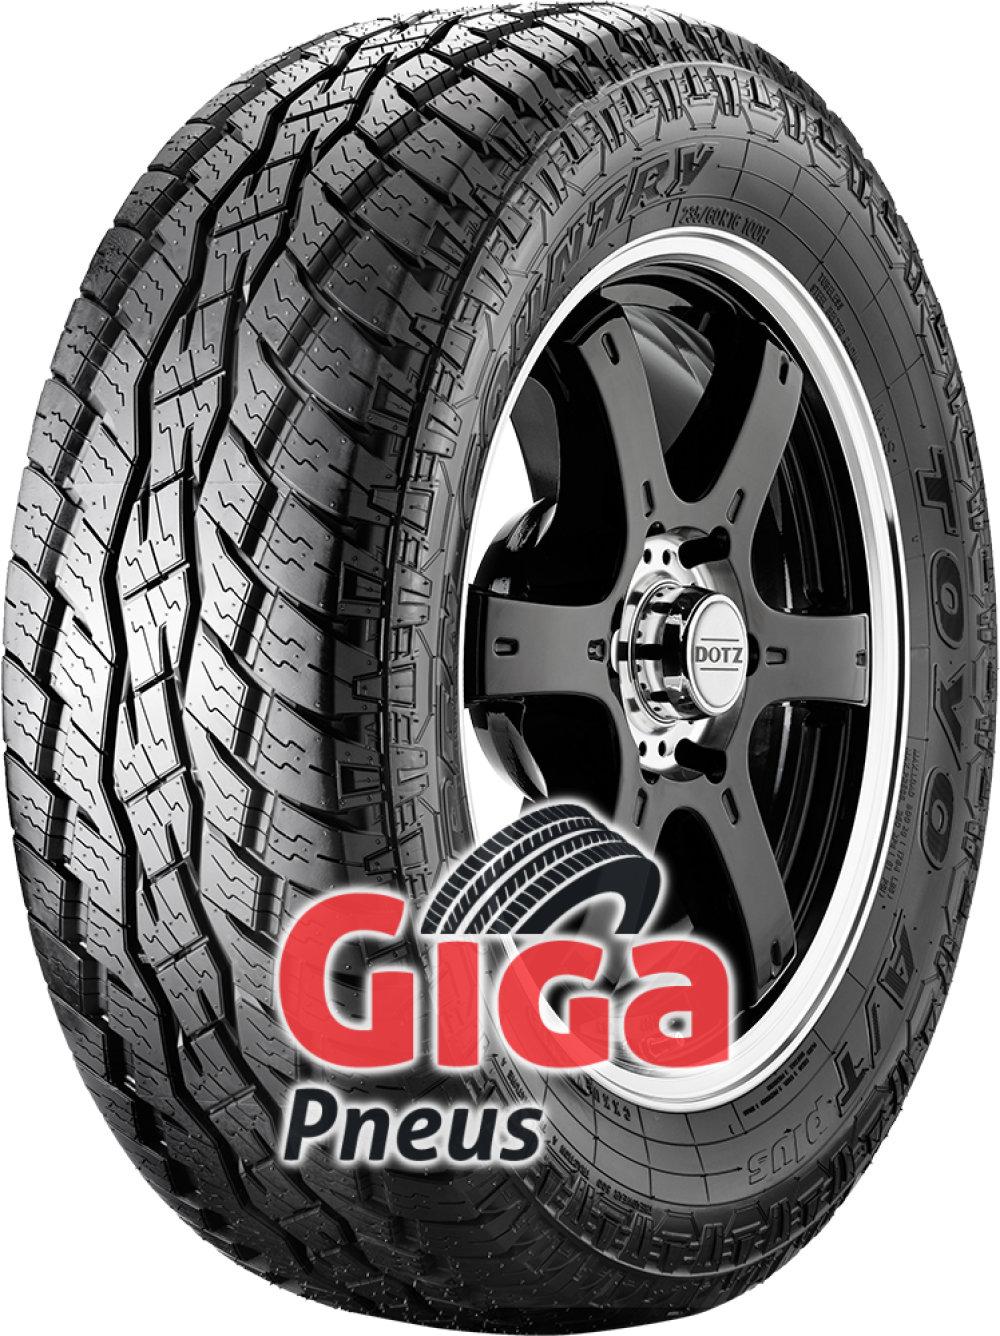 achetez des pneus toyo open country a t 205 70 r15 96s bon march pneus. Black Bedroom Furniture Sets. Home Design Ideas